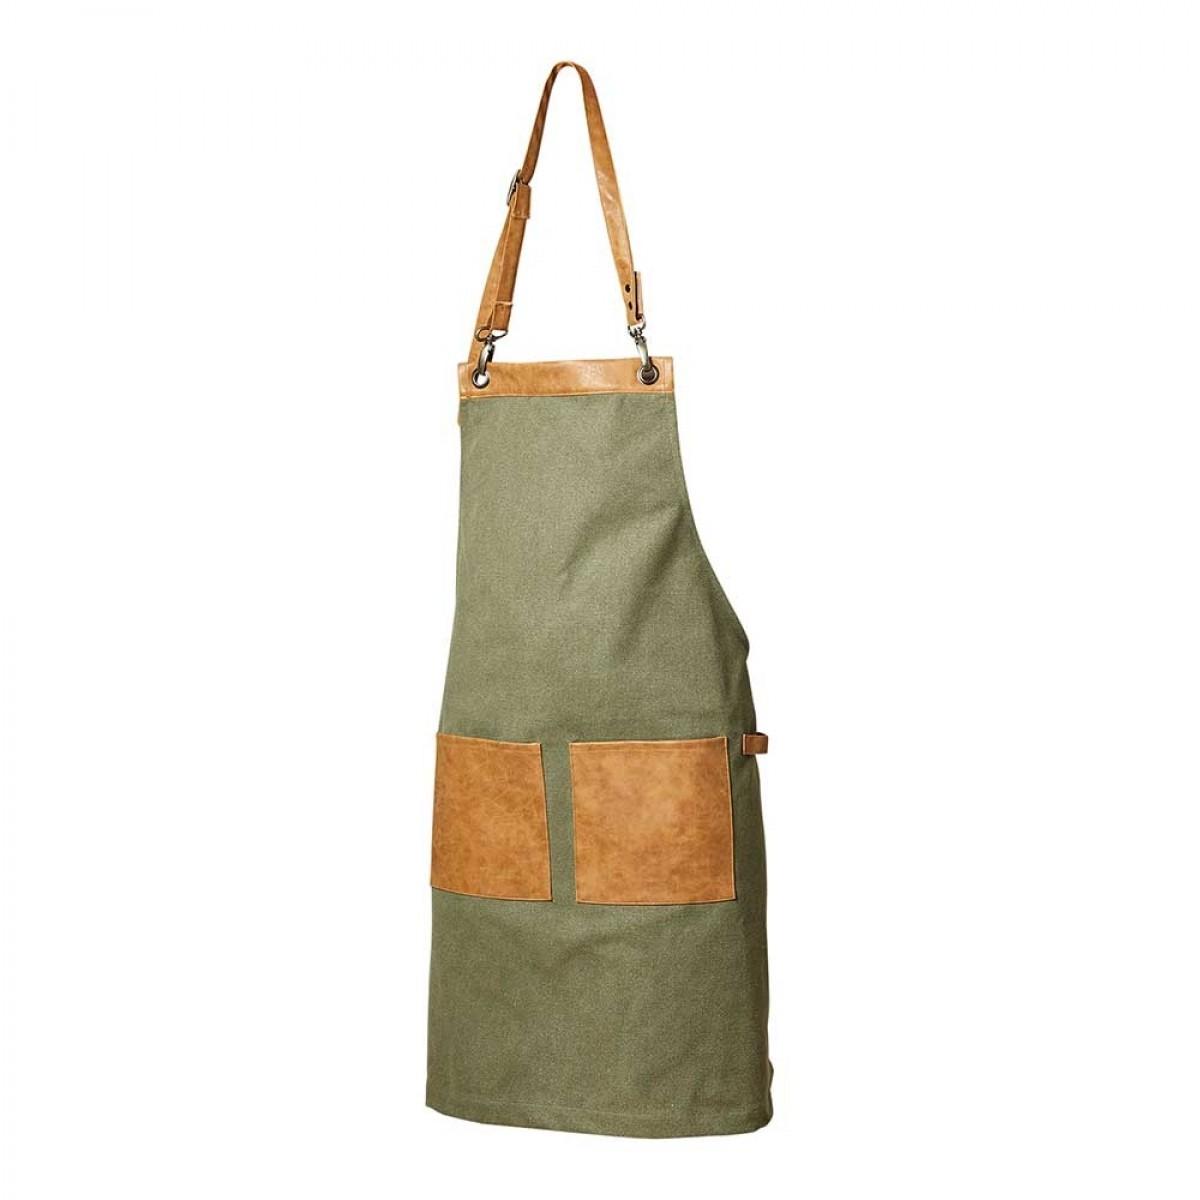 DACORE Forklæde kanvas/PU 2 lommer grøn